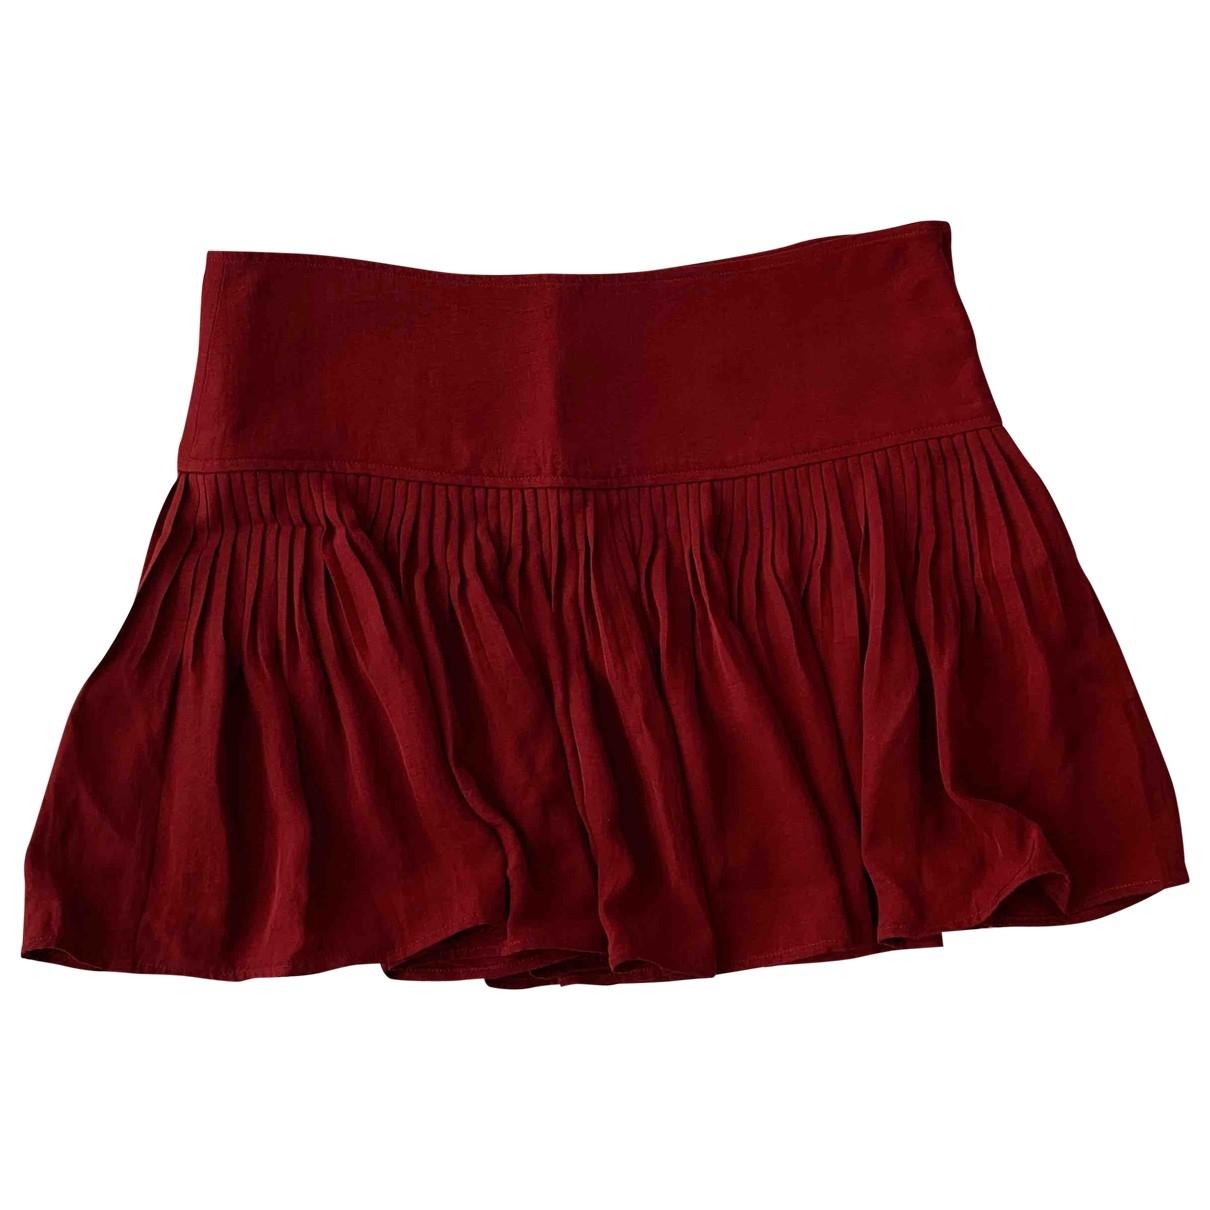 Isabel Marant Etoile \N Burgundy skirt for Women 40 FR